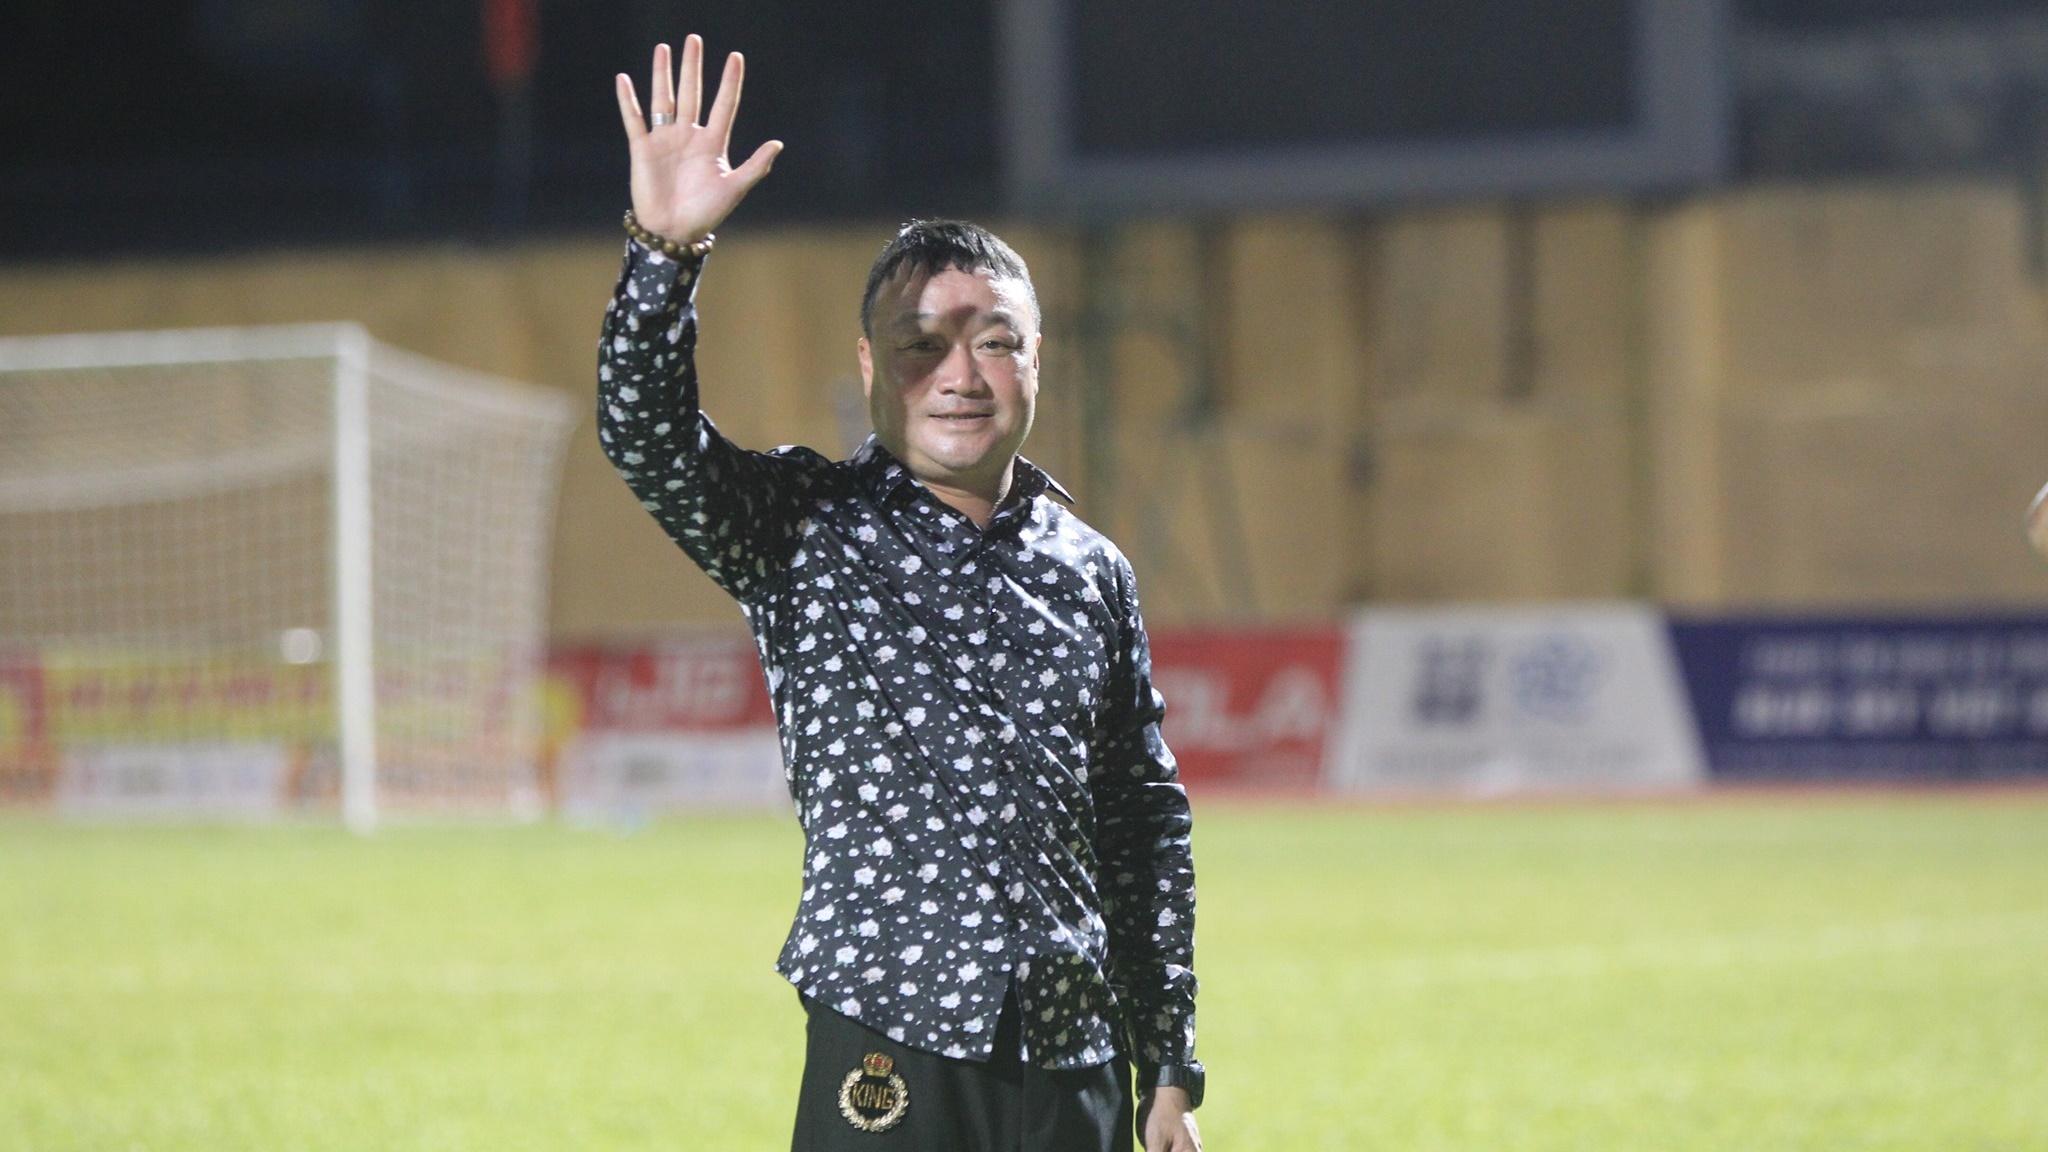 Thua HAGL, Hải Phòng mất luôn tướng ở hai vòng cuối V-League - Bóng Đá